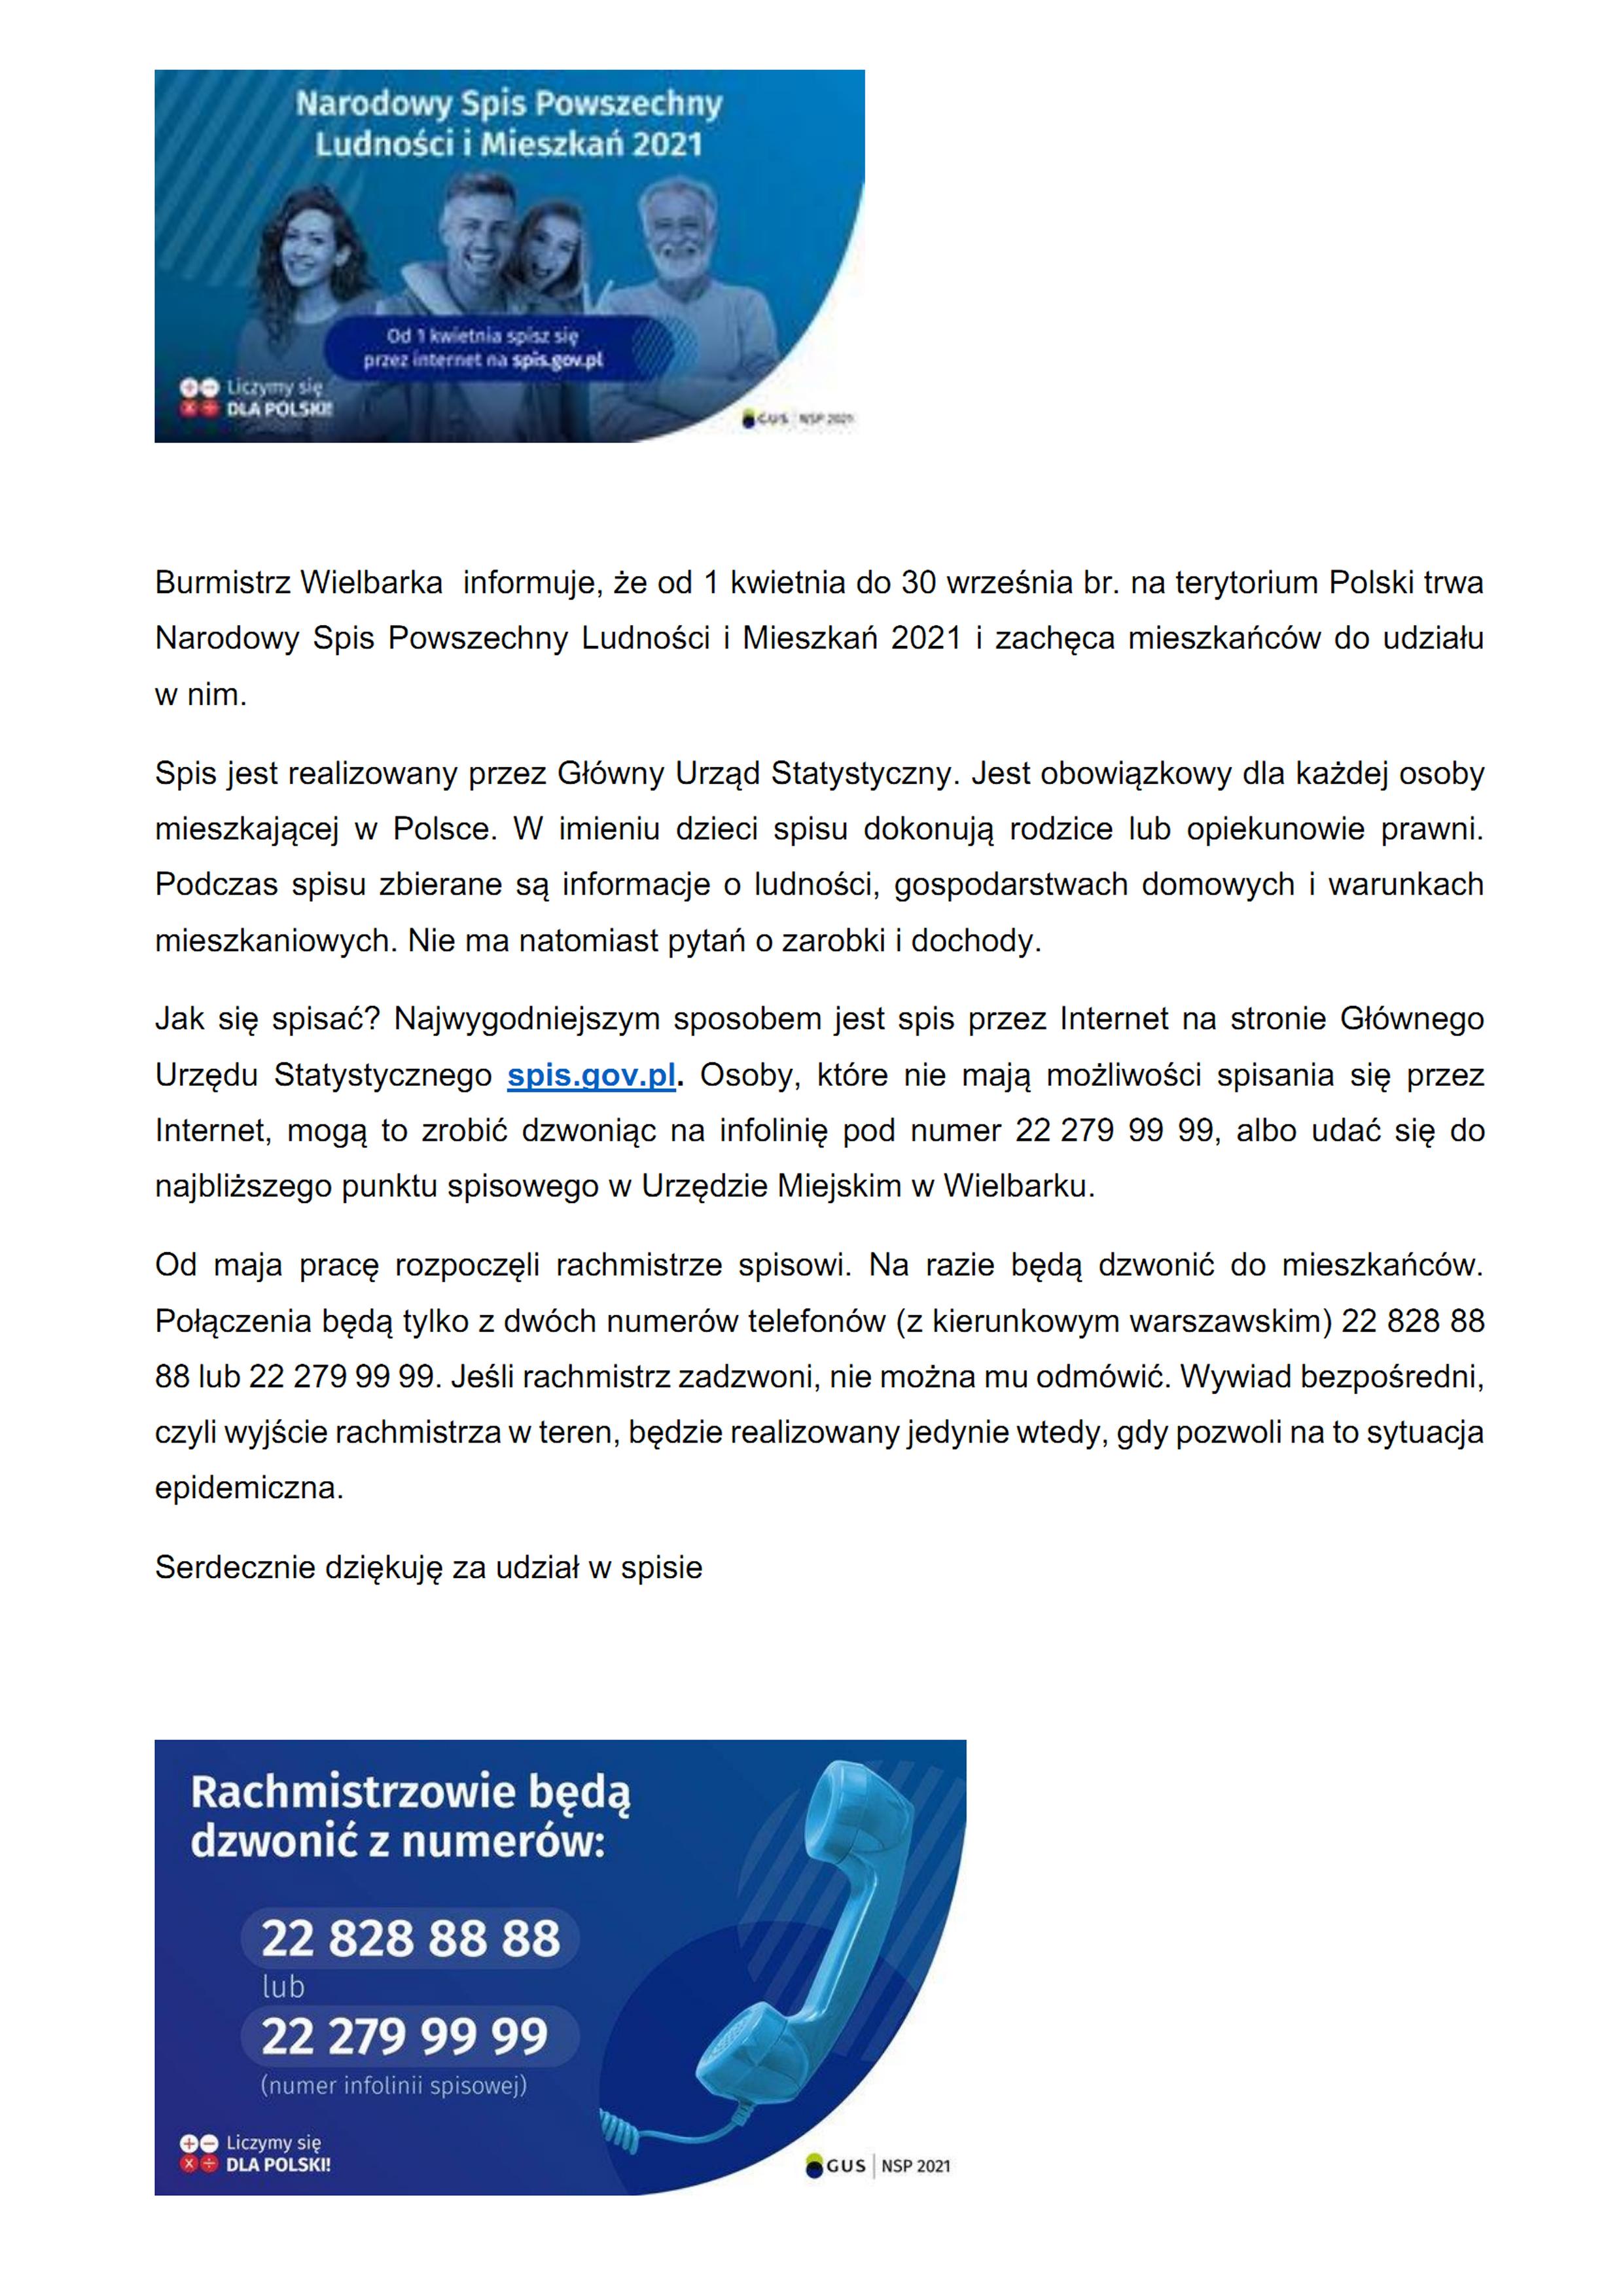 https://m.powiatszczycienski.pl/2021/06/orig/nsp-2021-ogloszenie-z-dnia-08-06-2021-40929.jpg